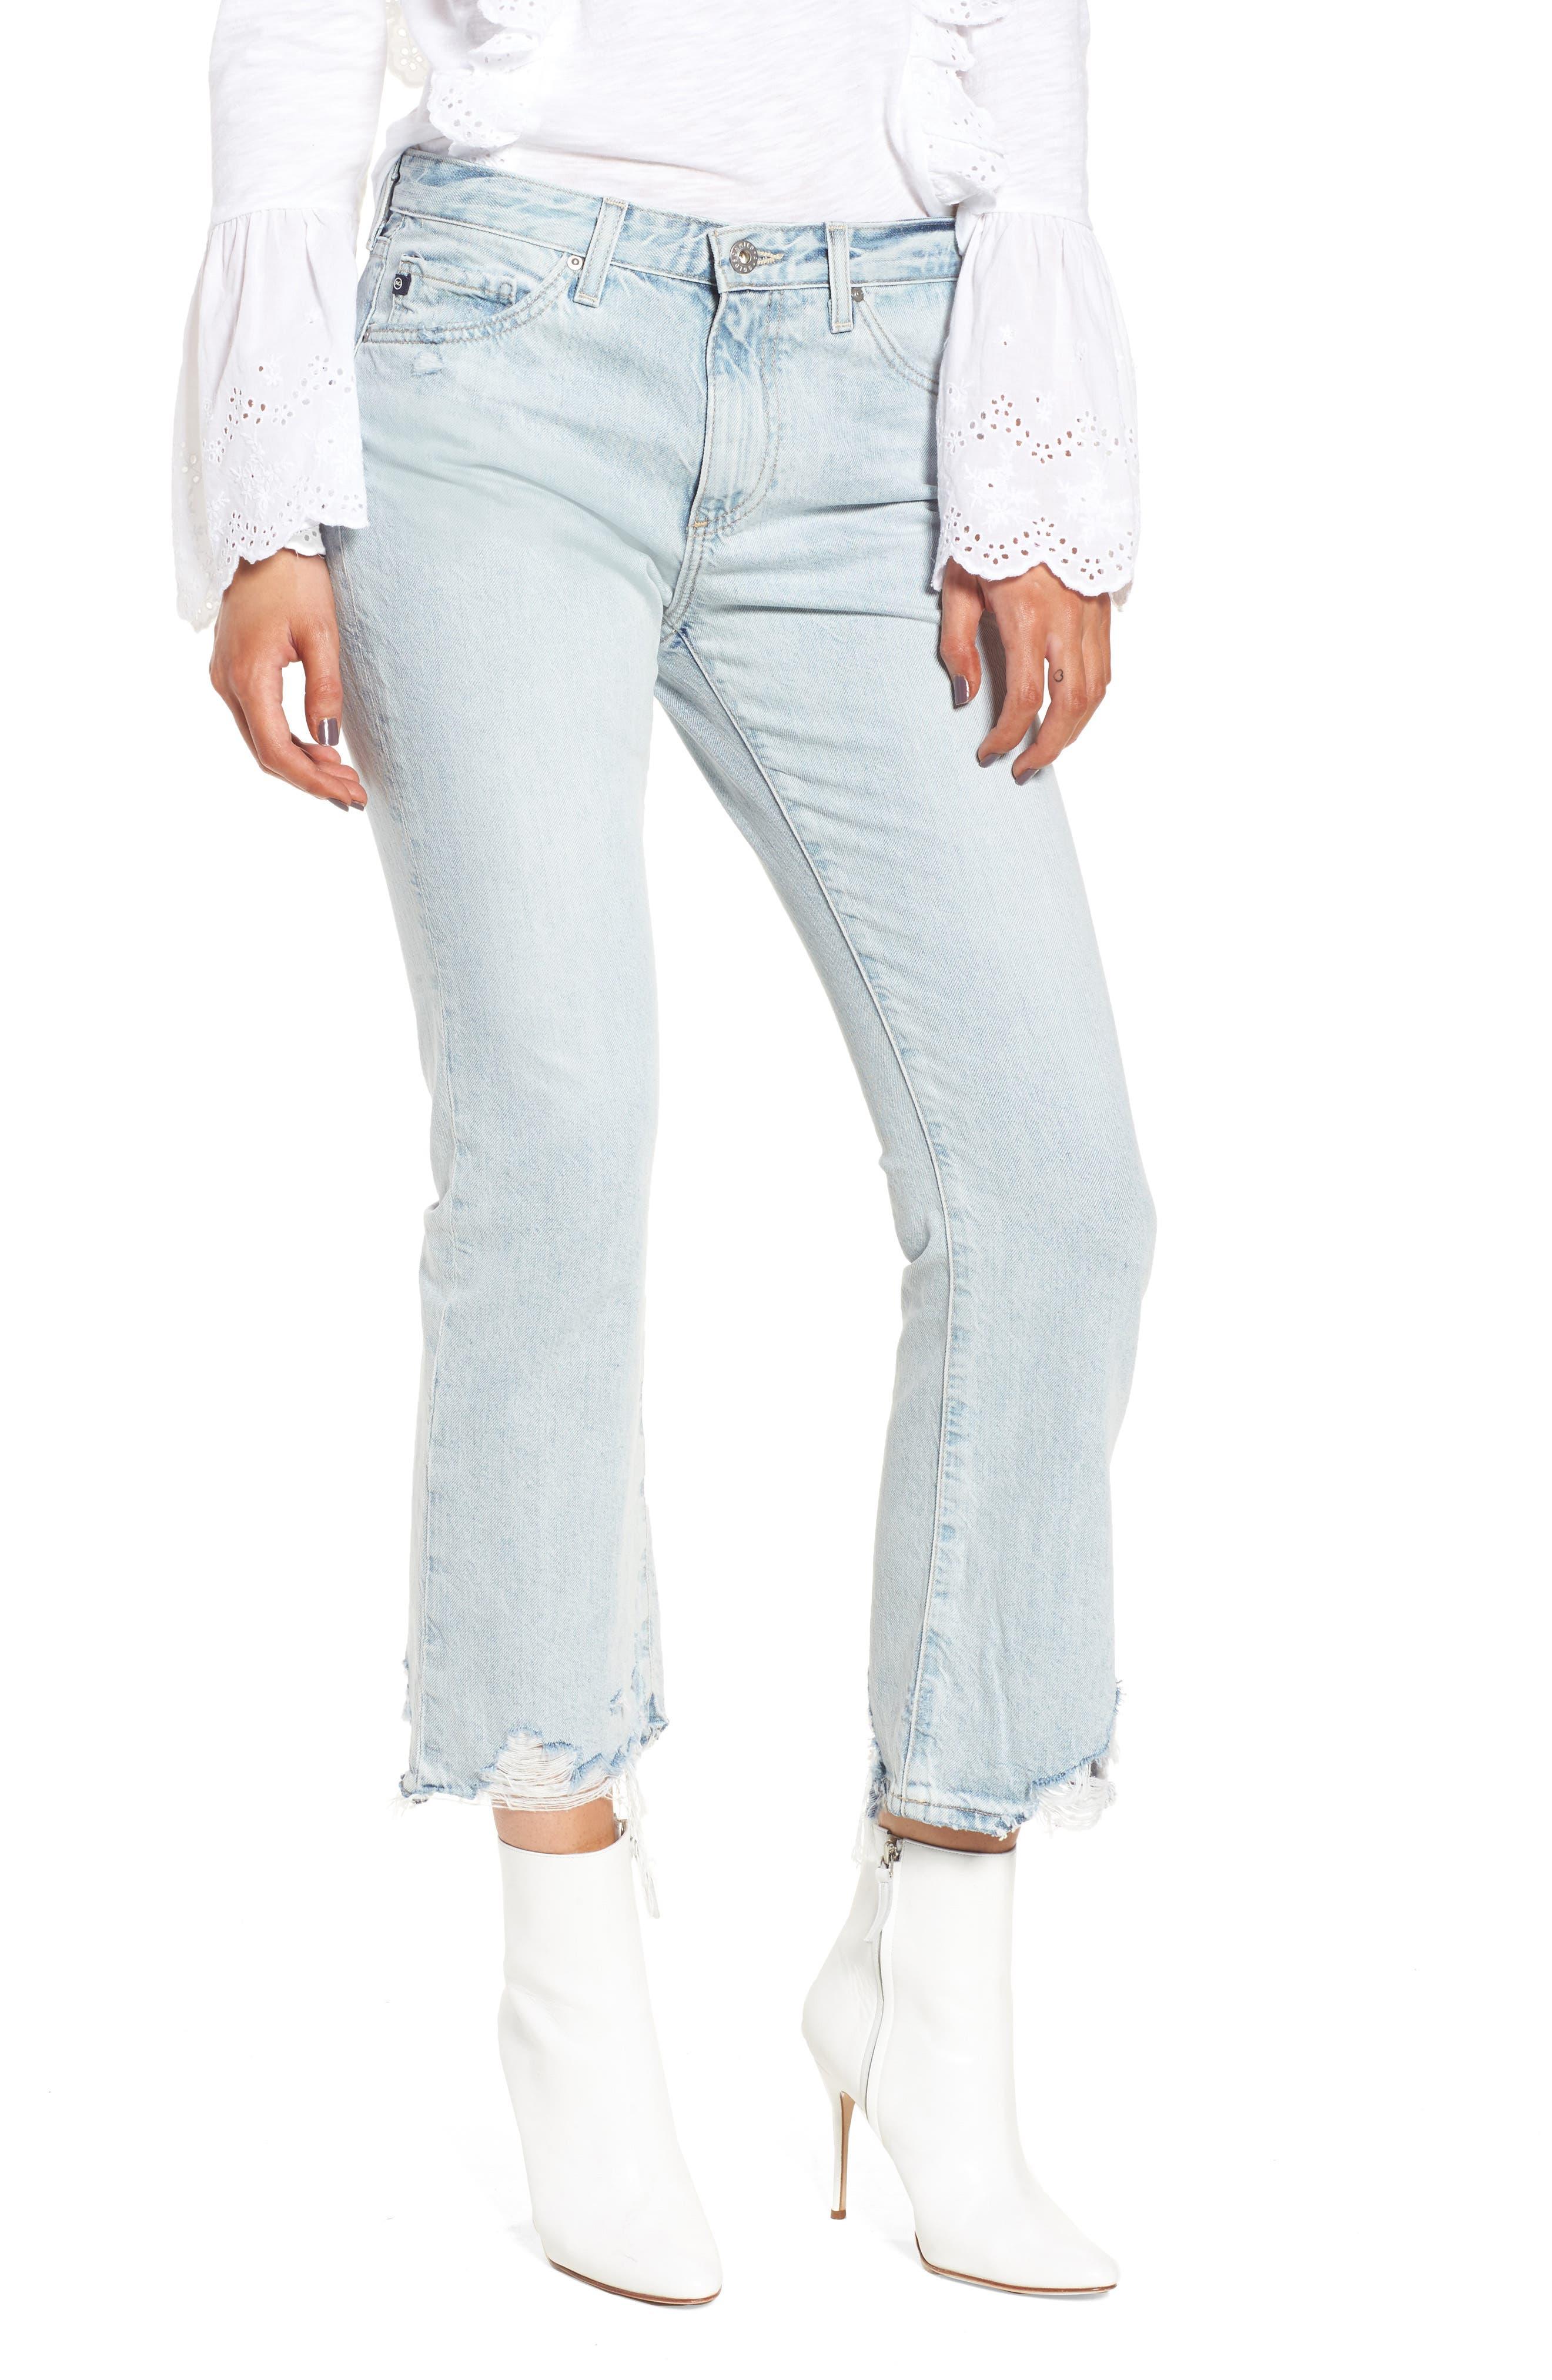 Jeans Jodi Crop Jeans,                             Main thumbnail 1, color,                             455